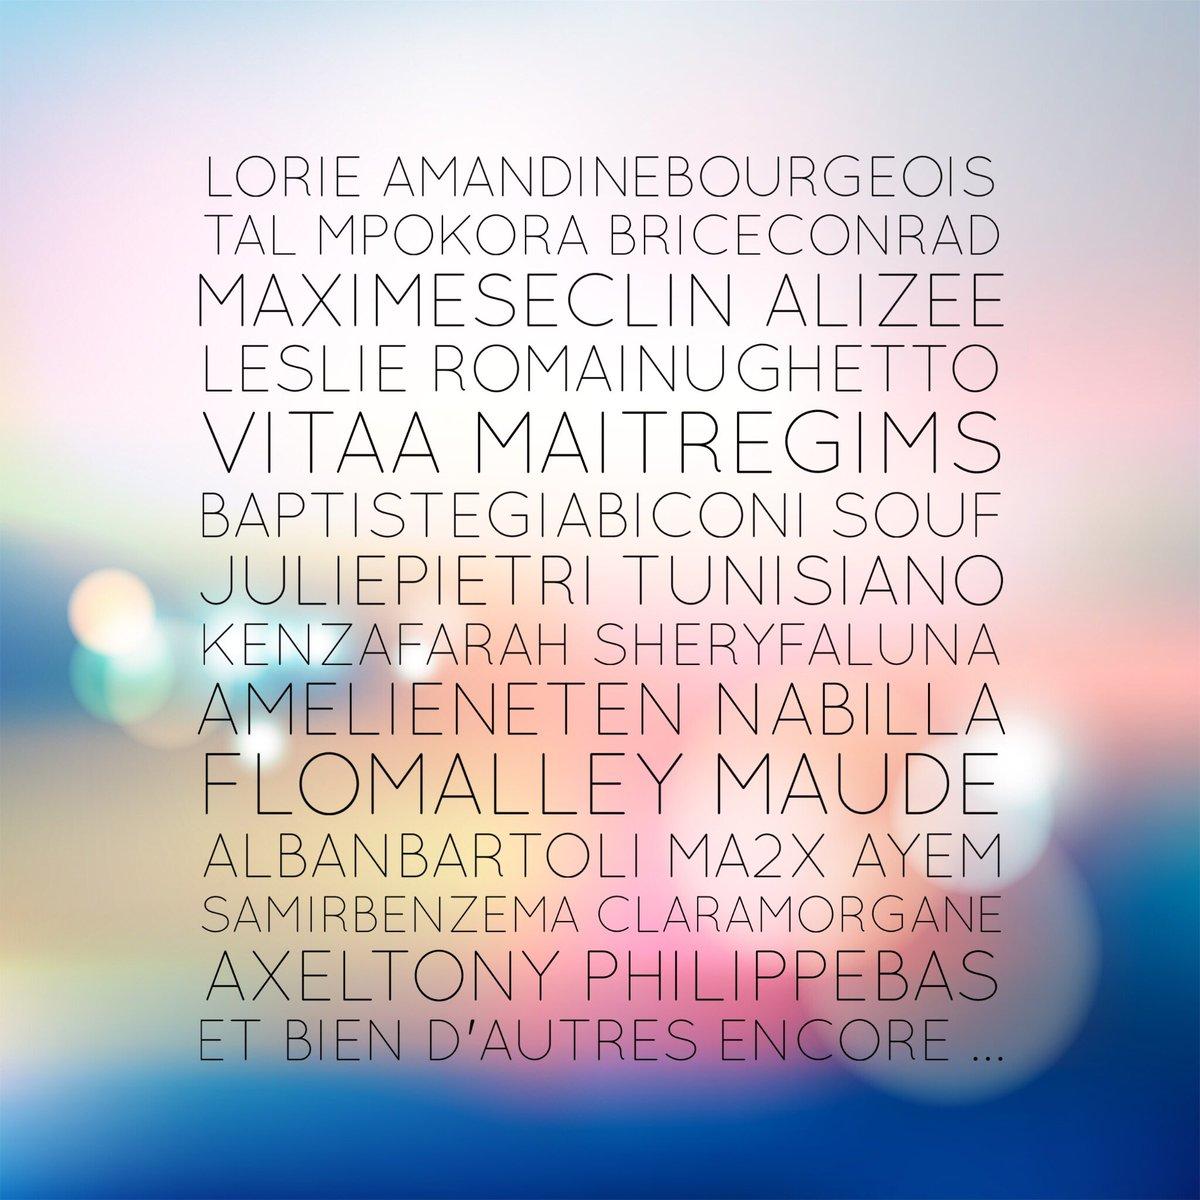 MERCiii, QUE DE SOUVENIRS  13.01.2012 - 13.01.2017 #5ANS L&#39;HISTOIRE CONTINUE... #ENSEMBLE #ENROUTEPOURLES10ANS  @WABOFFICIEL<br>http://pic.twitter.com/C2QXx1BNQq